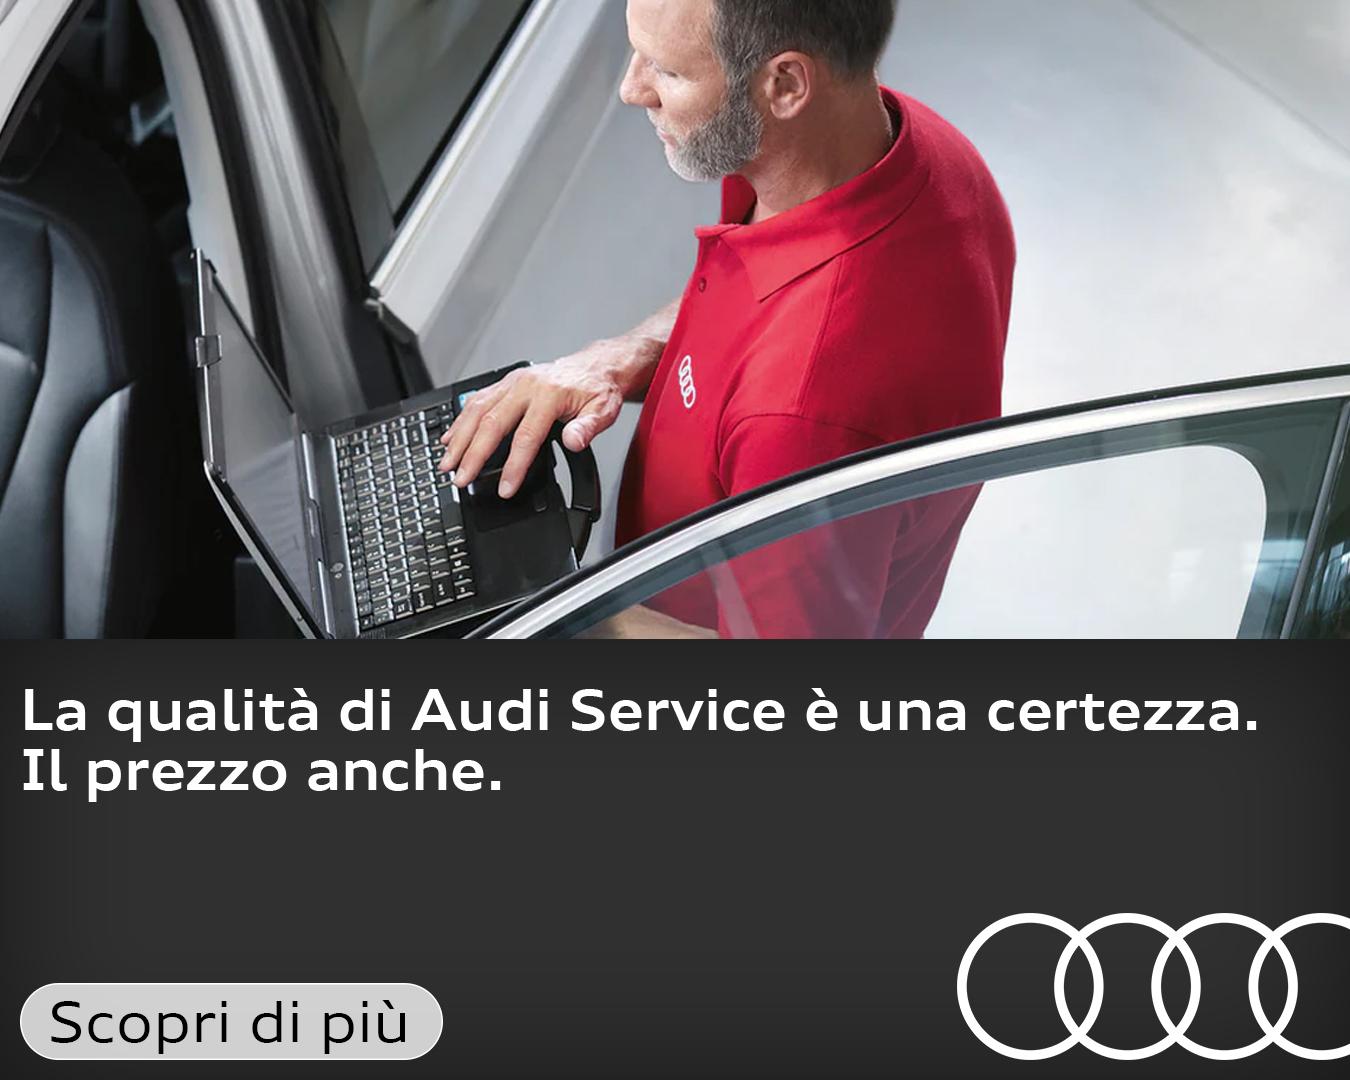 Audi Service, qualità e trasparenza.